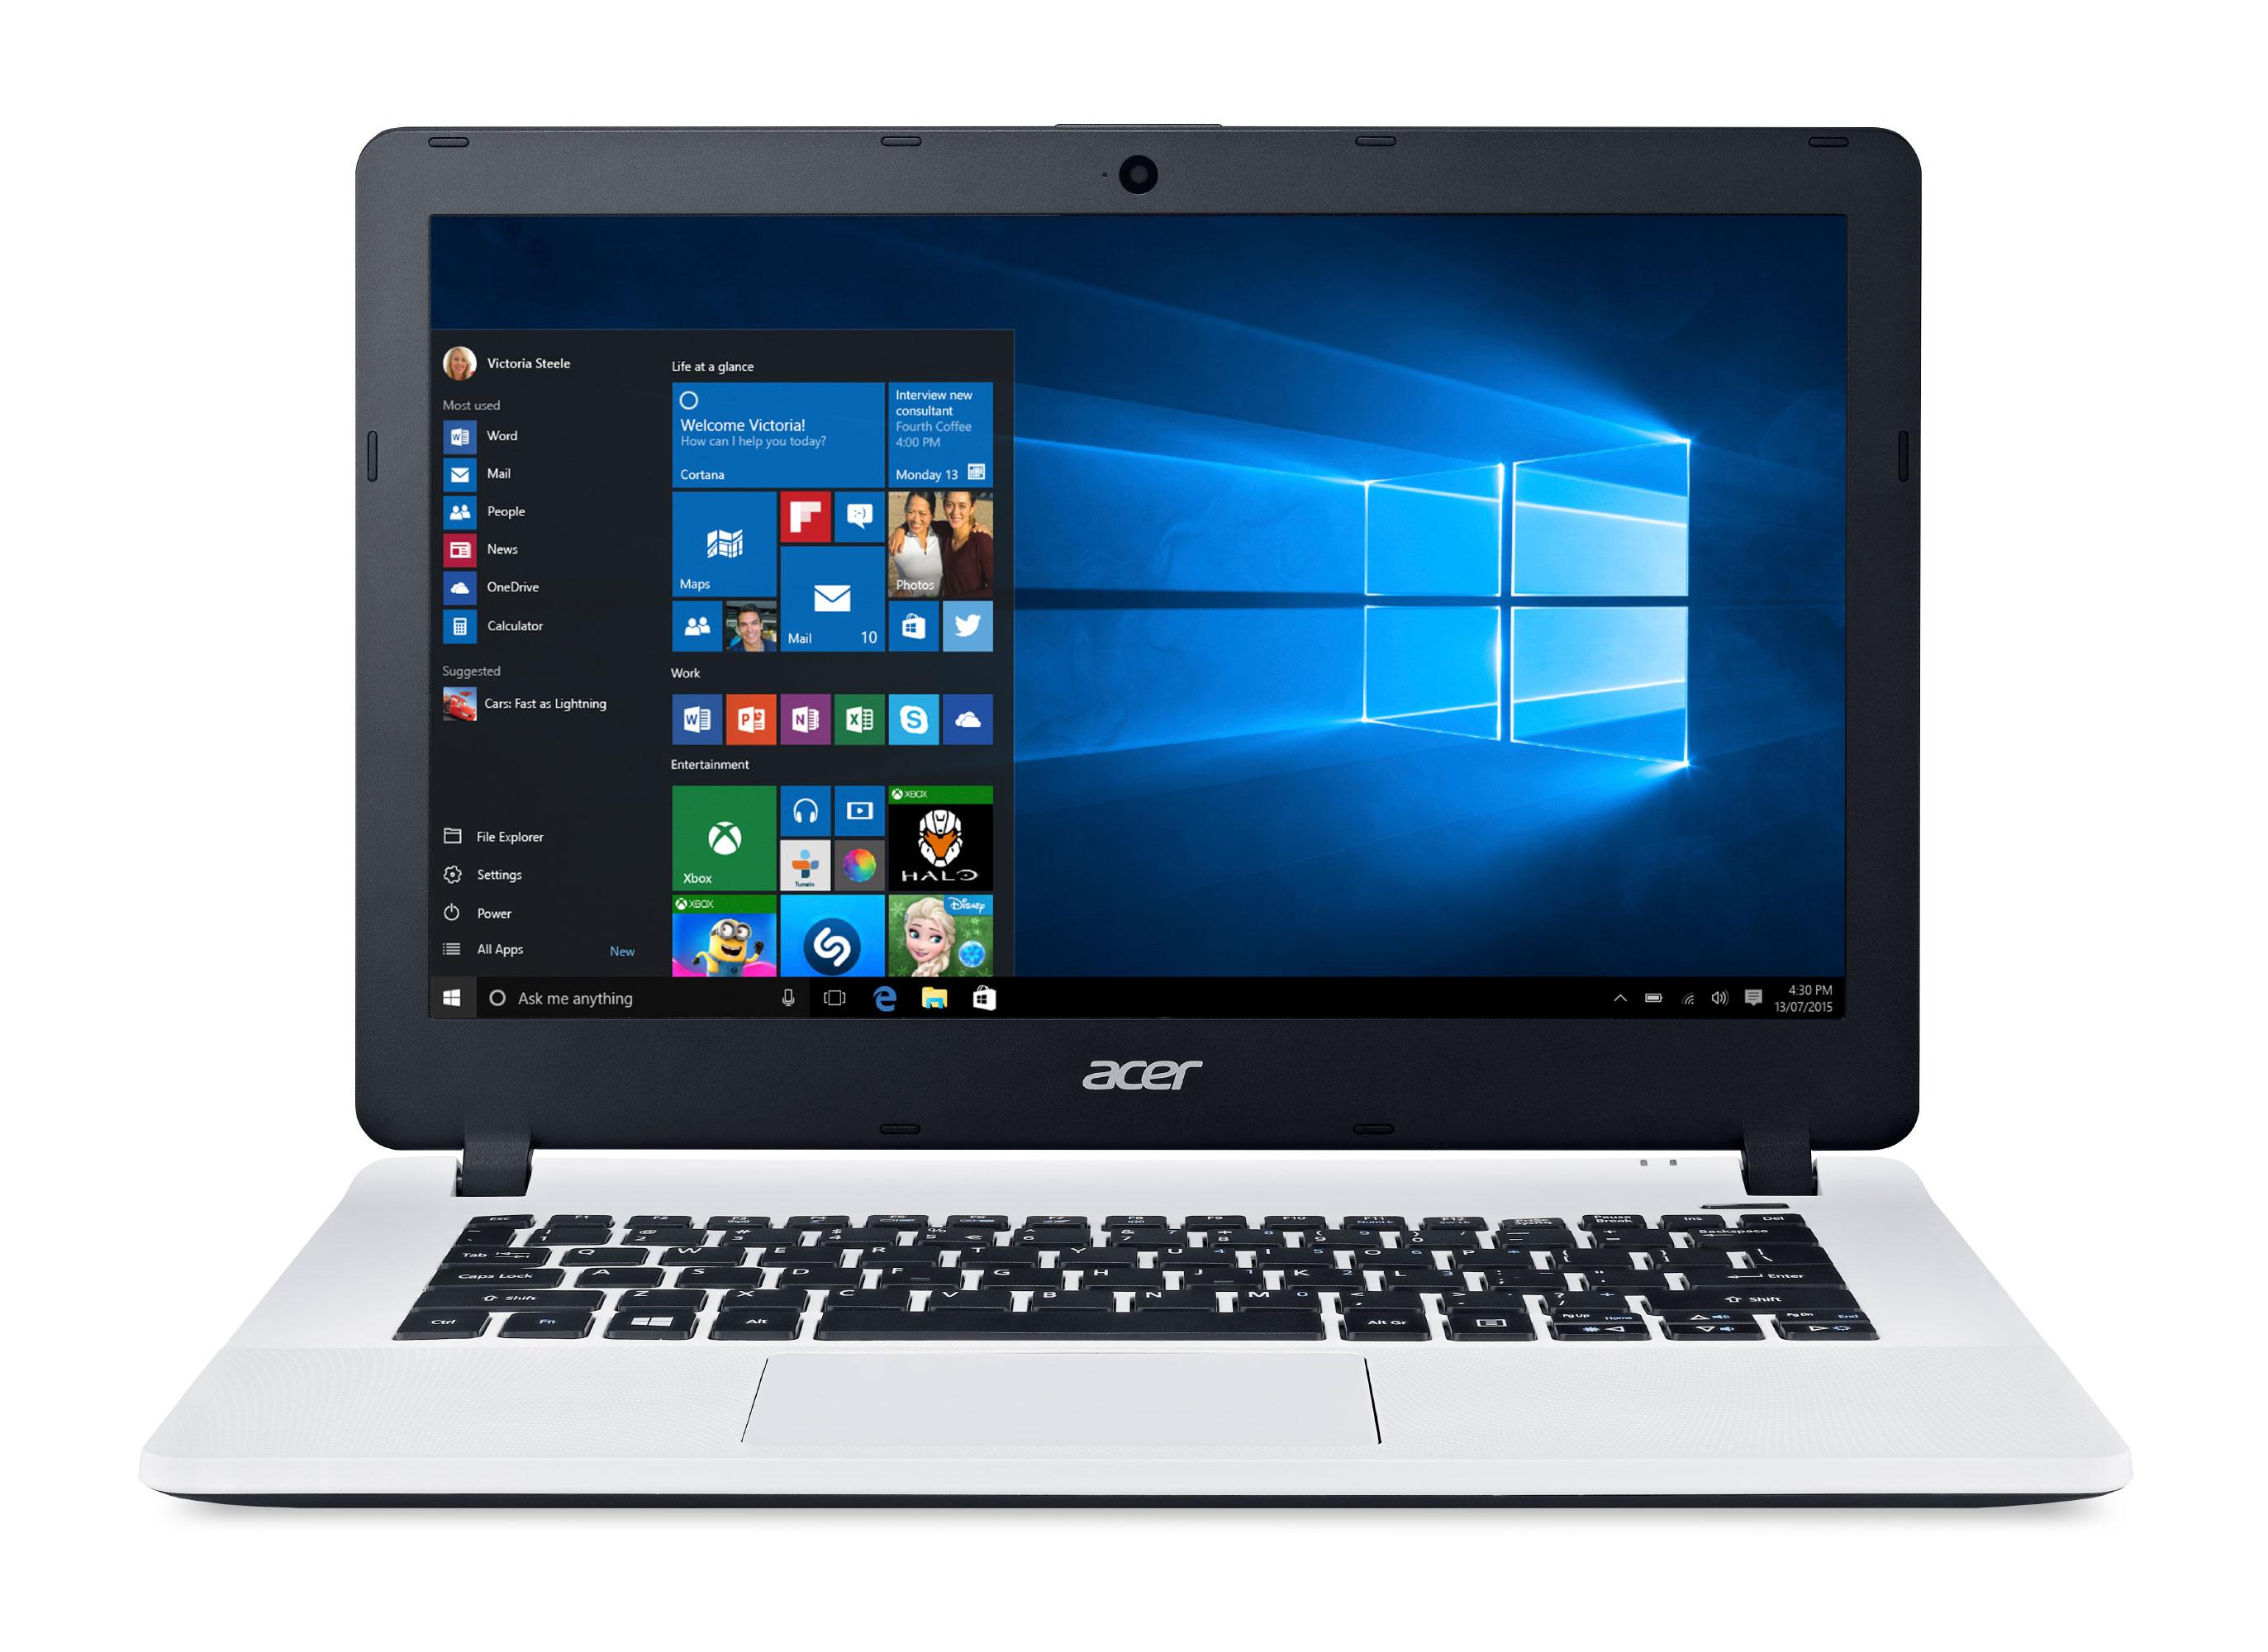 Image of Acer ES1-331 Intel Pentium 2GB RAM 32GB Storage 133 Laptop